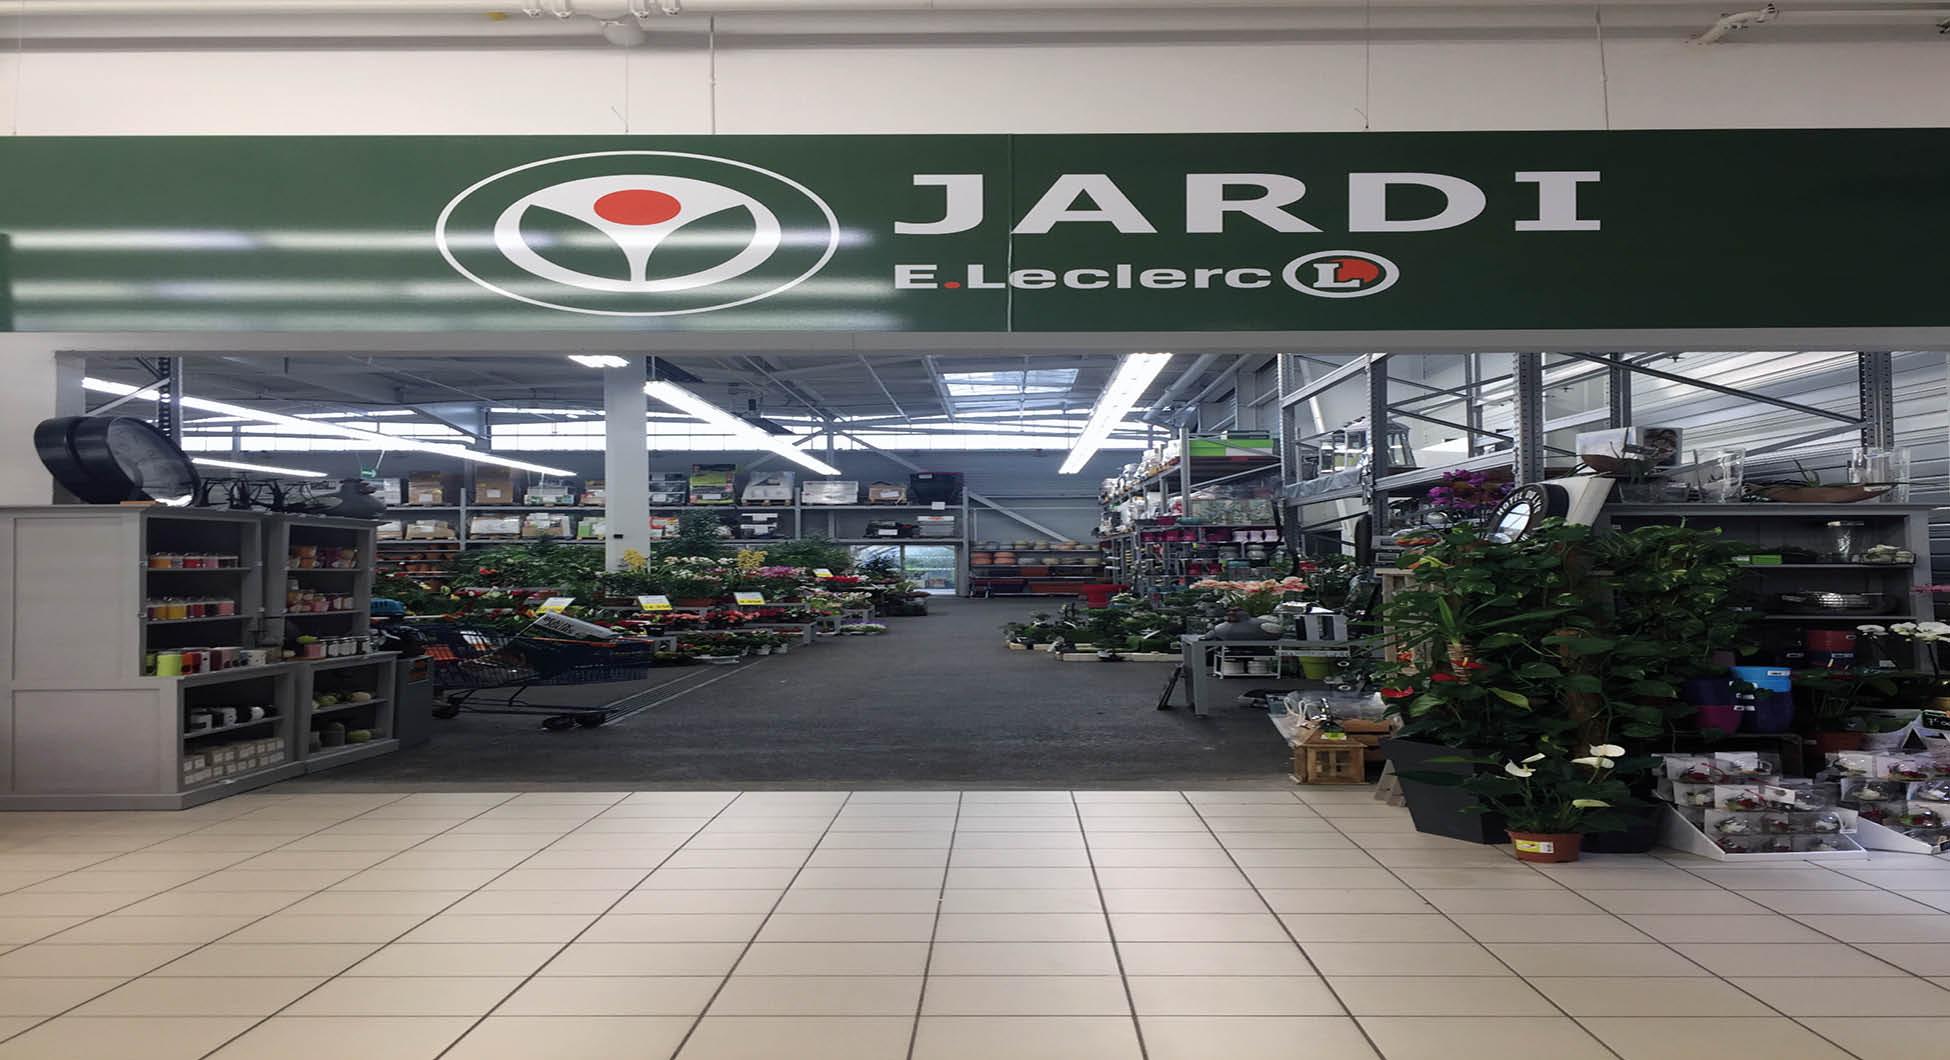 E.leclerc Rochefort Sur Mer - Rochefort - Jardi pour Table De Jardin Magasin Leclerc